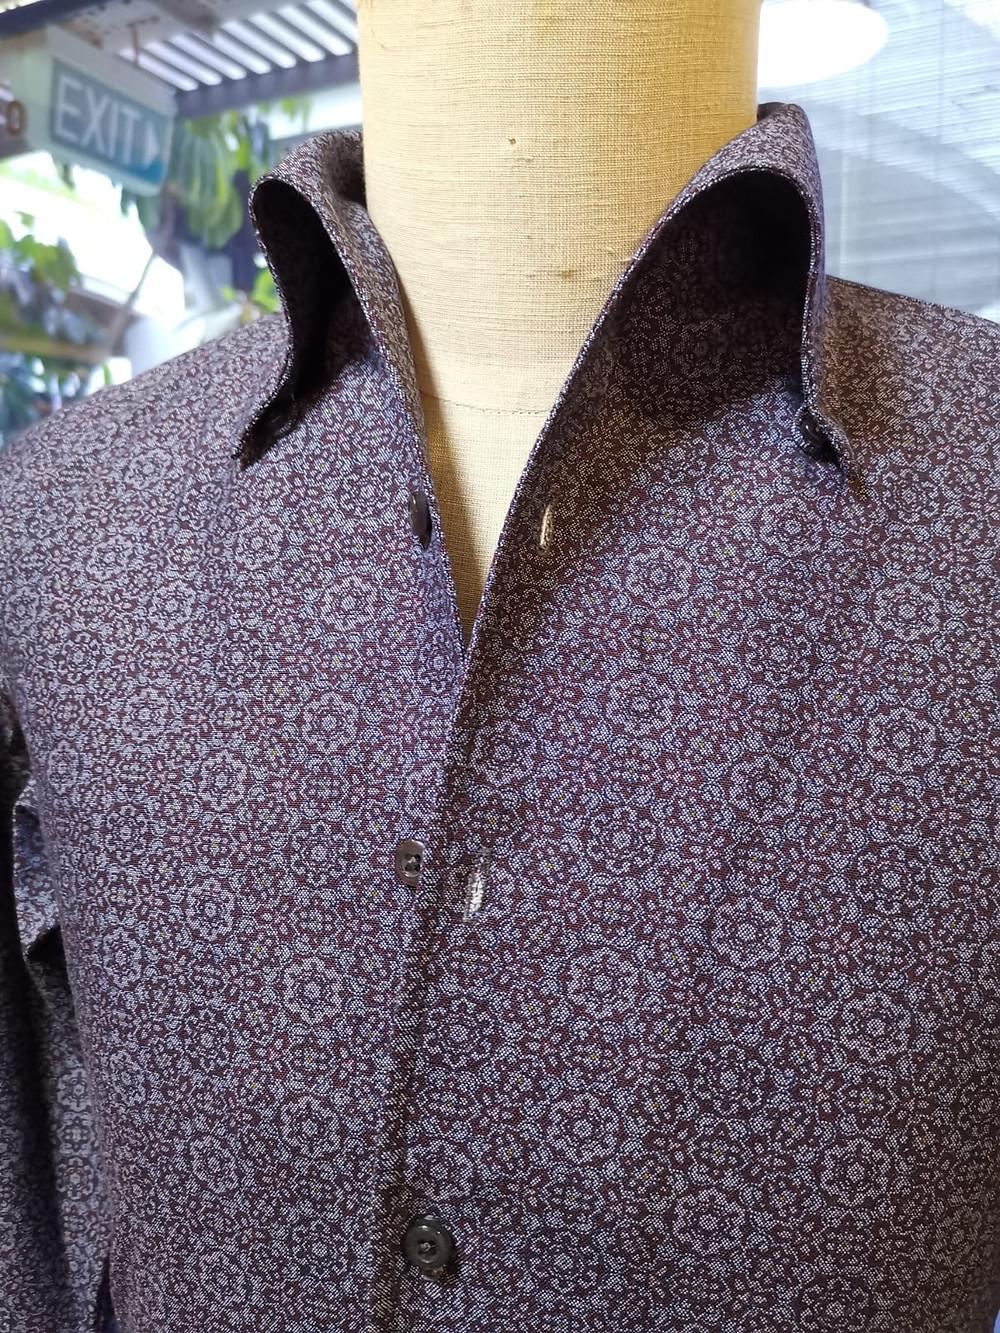 bespoke cotton and silk shirts